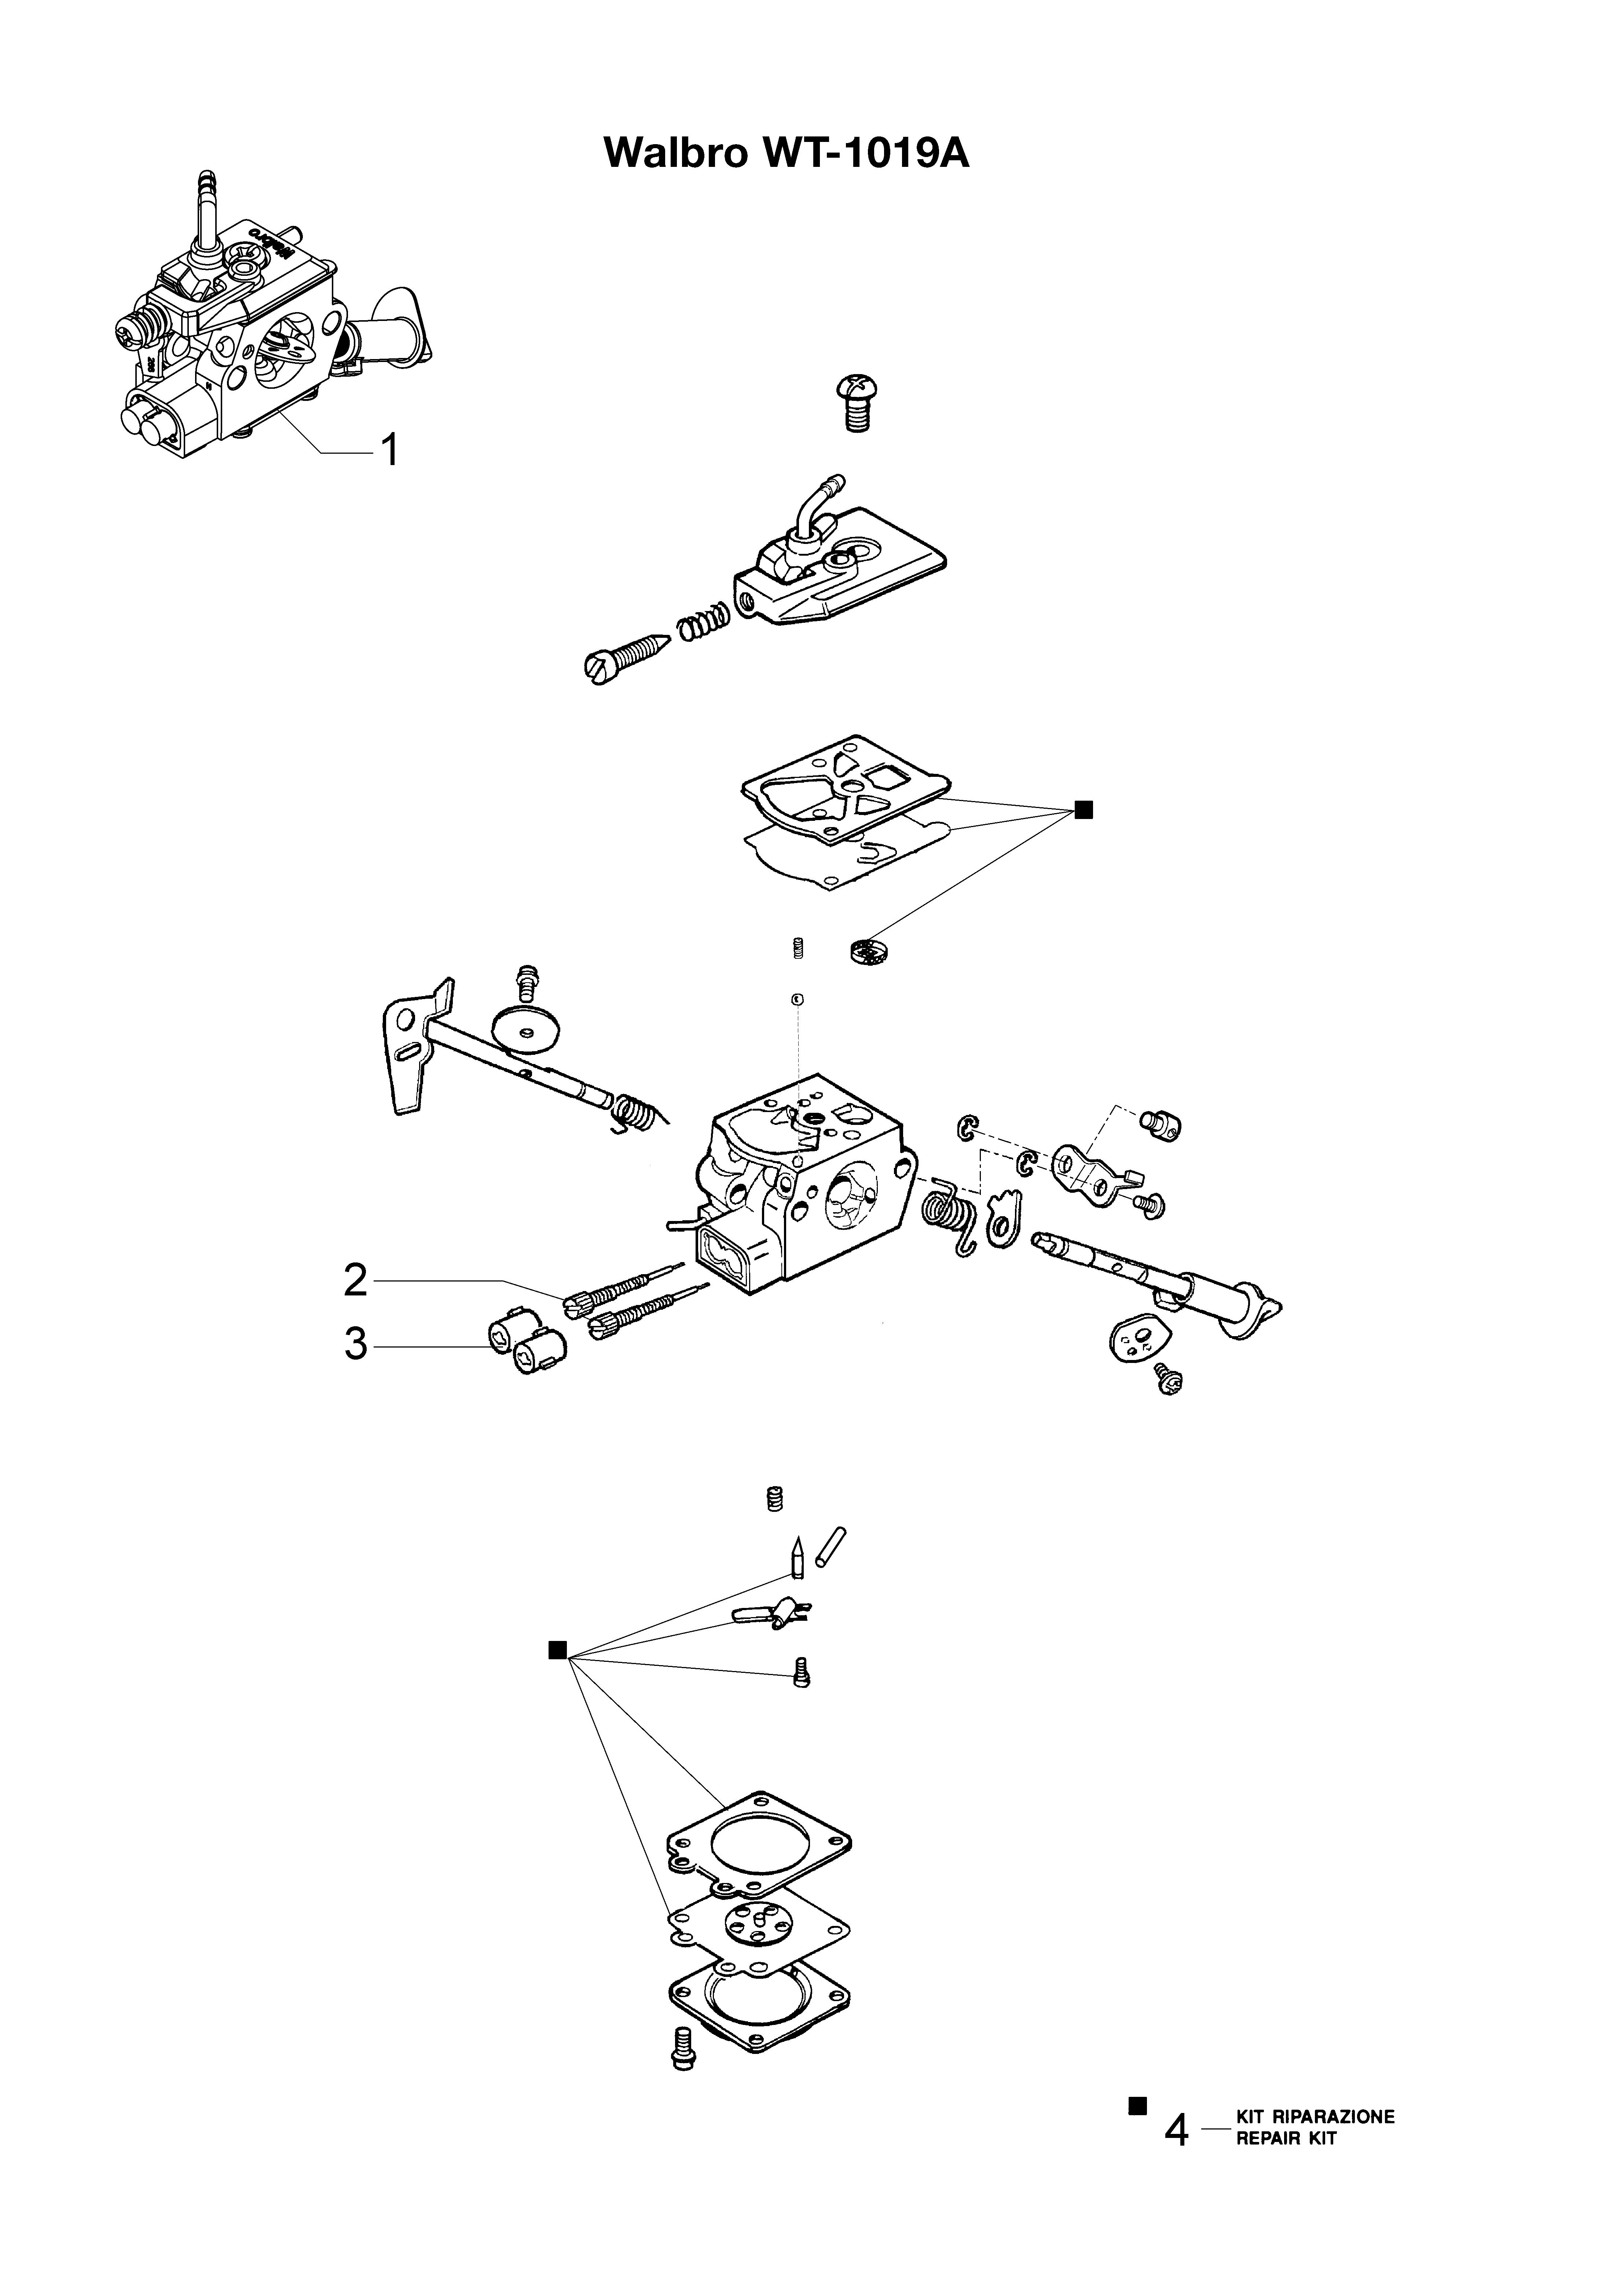 HC 265 XP Taille-haies  OLEOMAC vue éclatée  Dessins pièces -  Carburateur WT-1019A